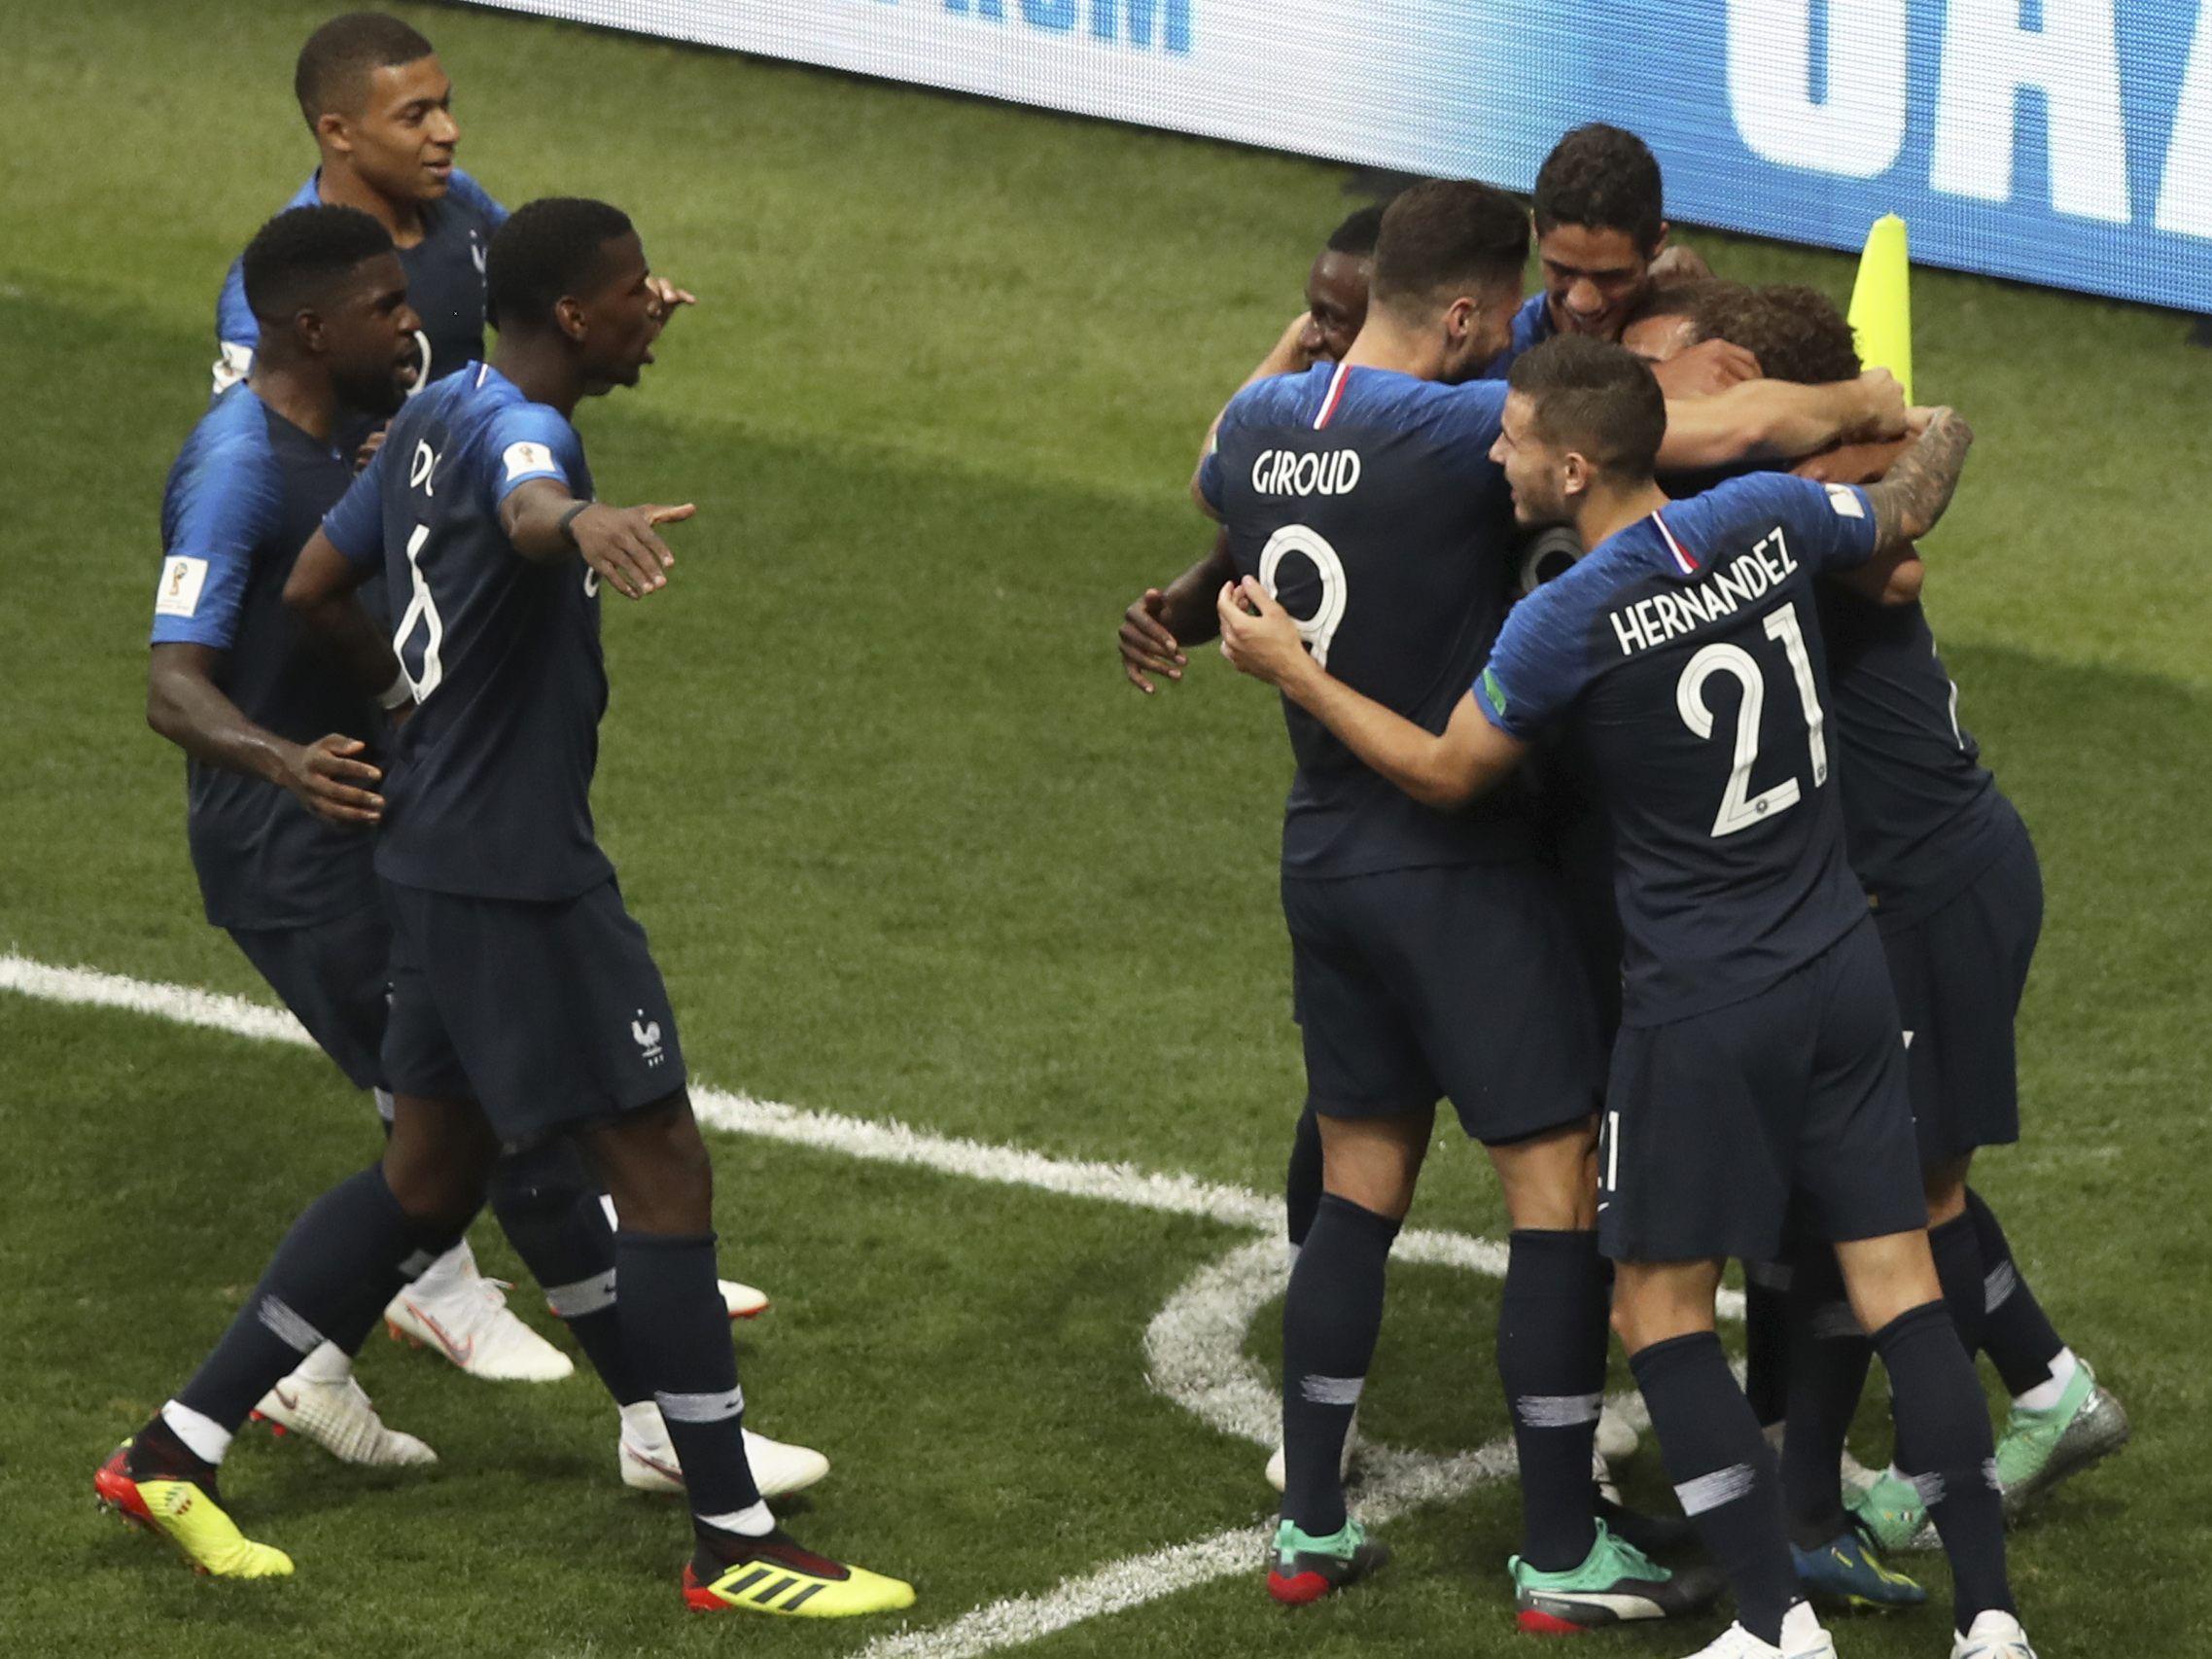 Fussball Wm Frankreich Und Kroatien Rittern Um Die Kronung